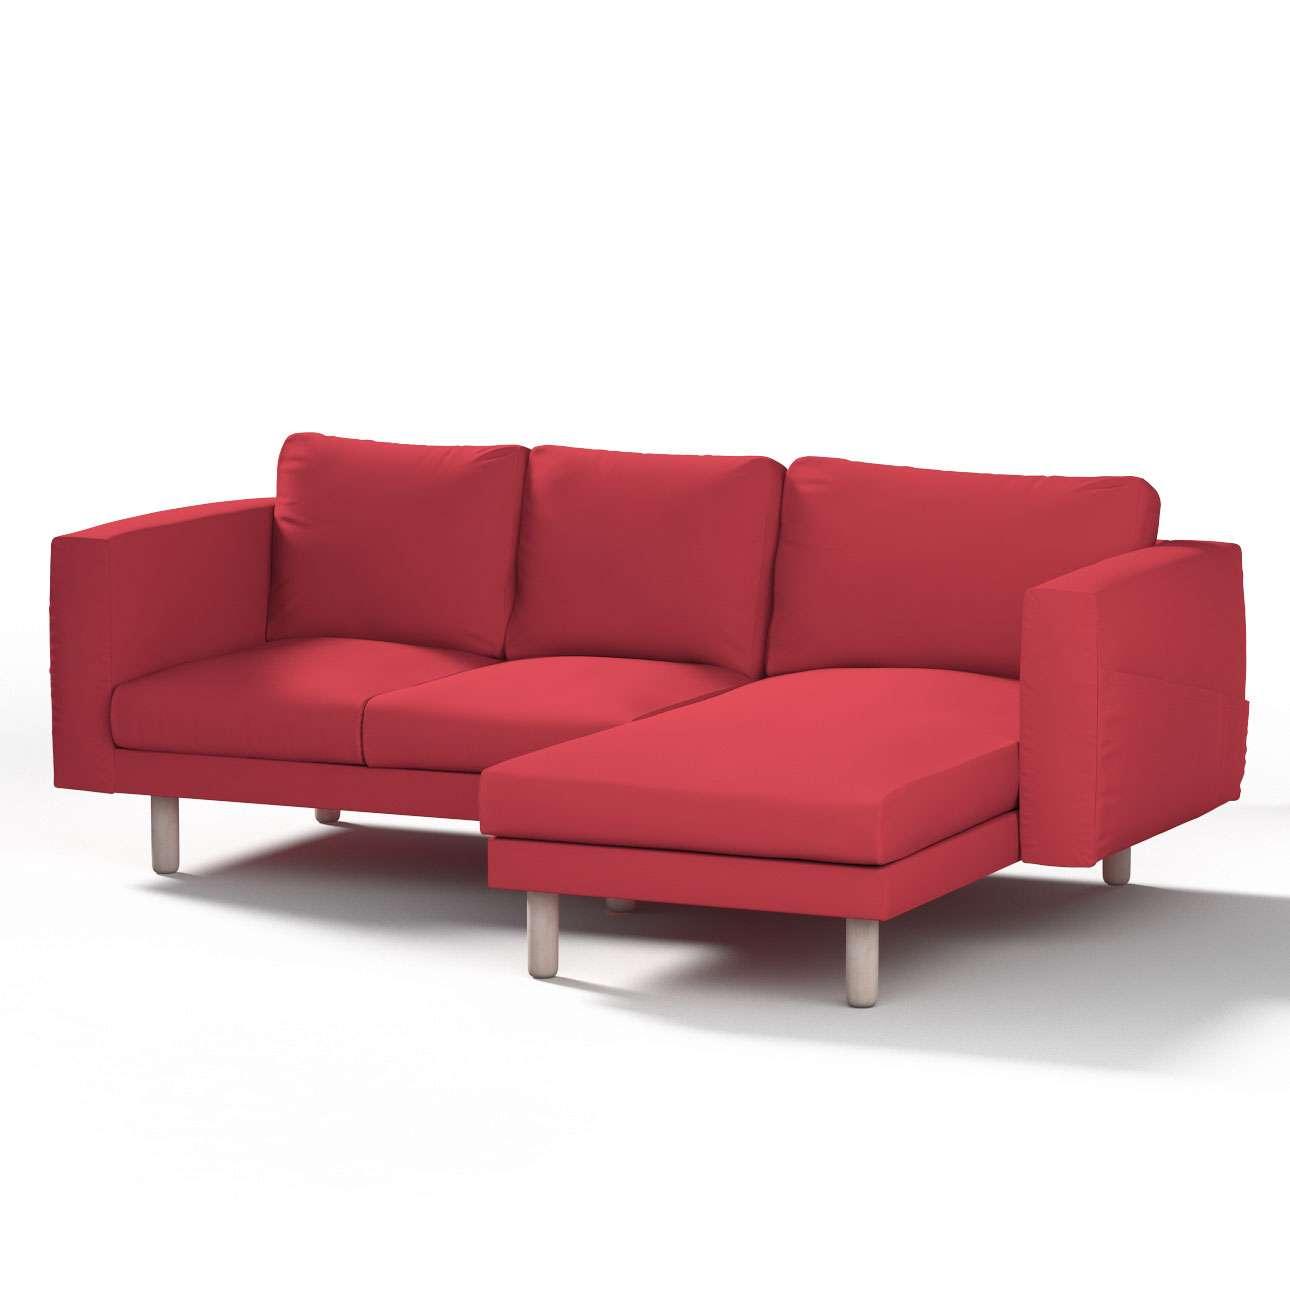 Pokrowiec na sofę Norsborg 3-osobową z szezlongiem w kolekcji Etna, tkanina: 705-60